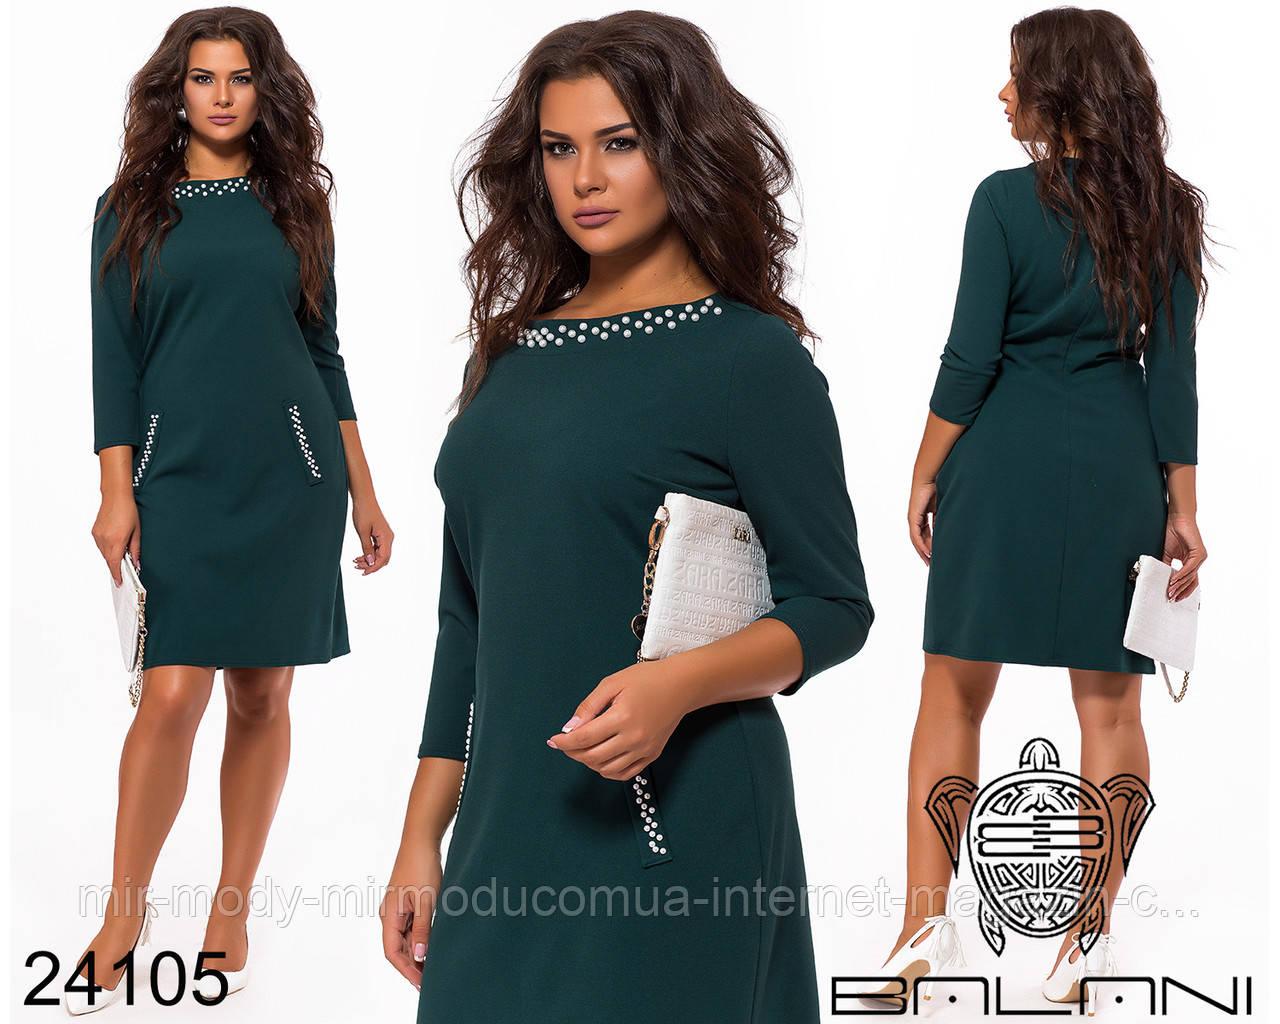 Платье - 24105 с 50 по 54  размер (бн)